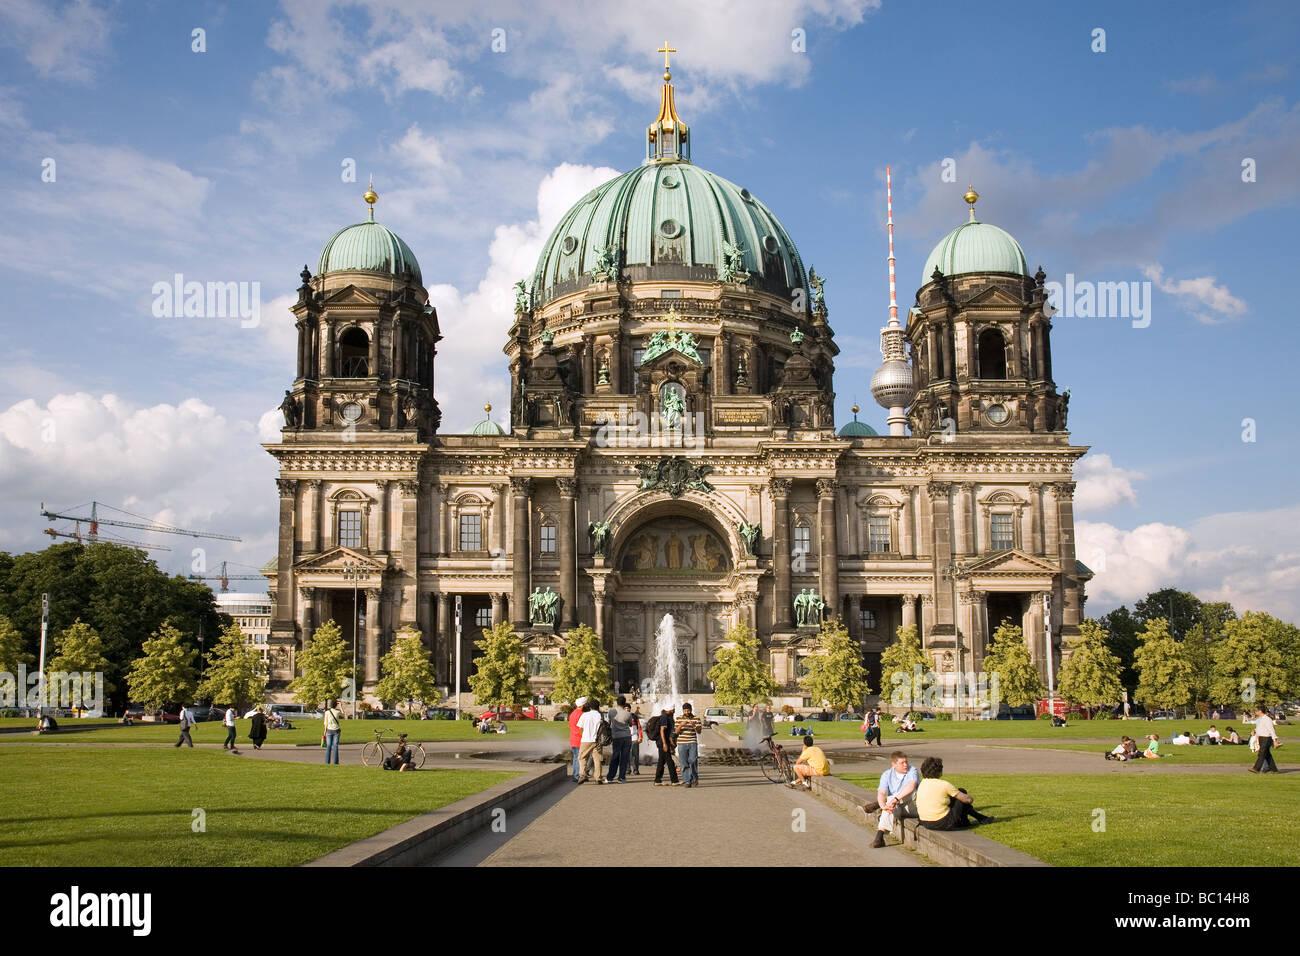 La Catedral de Berlín y Lustgarten en primer plano, Berlin, Alemania - Berliner Dom Imagen De Stock